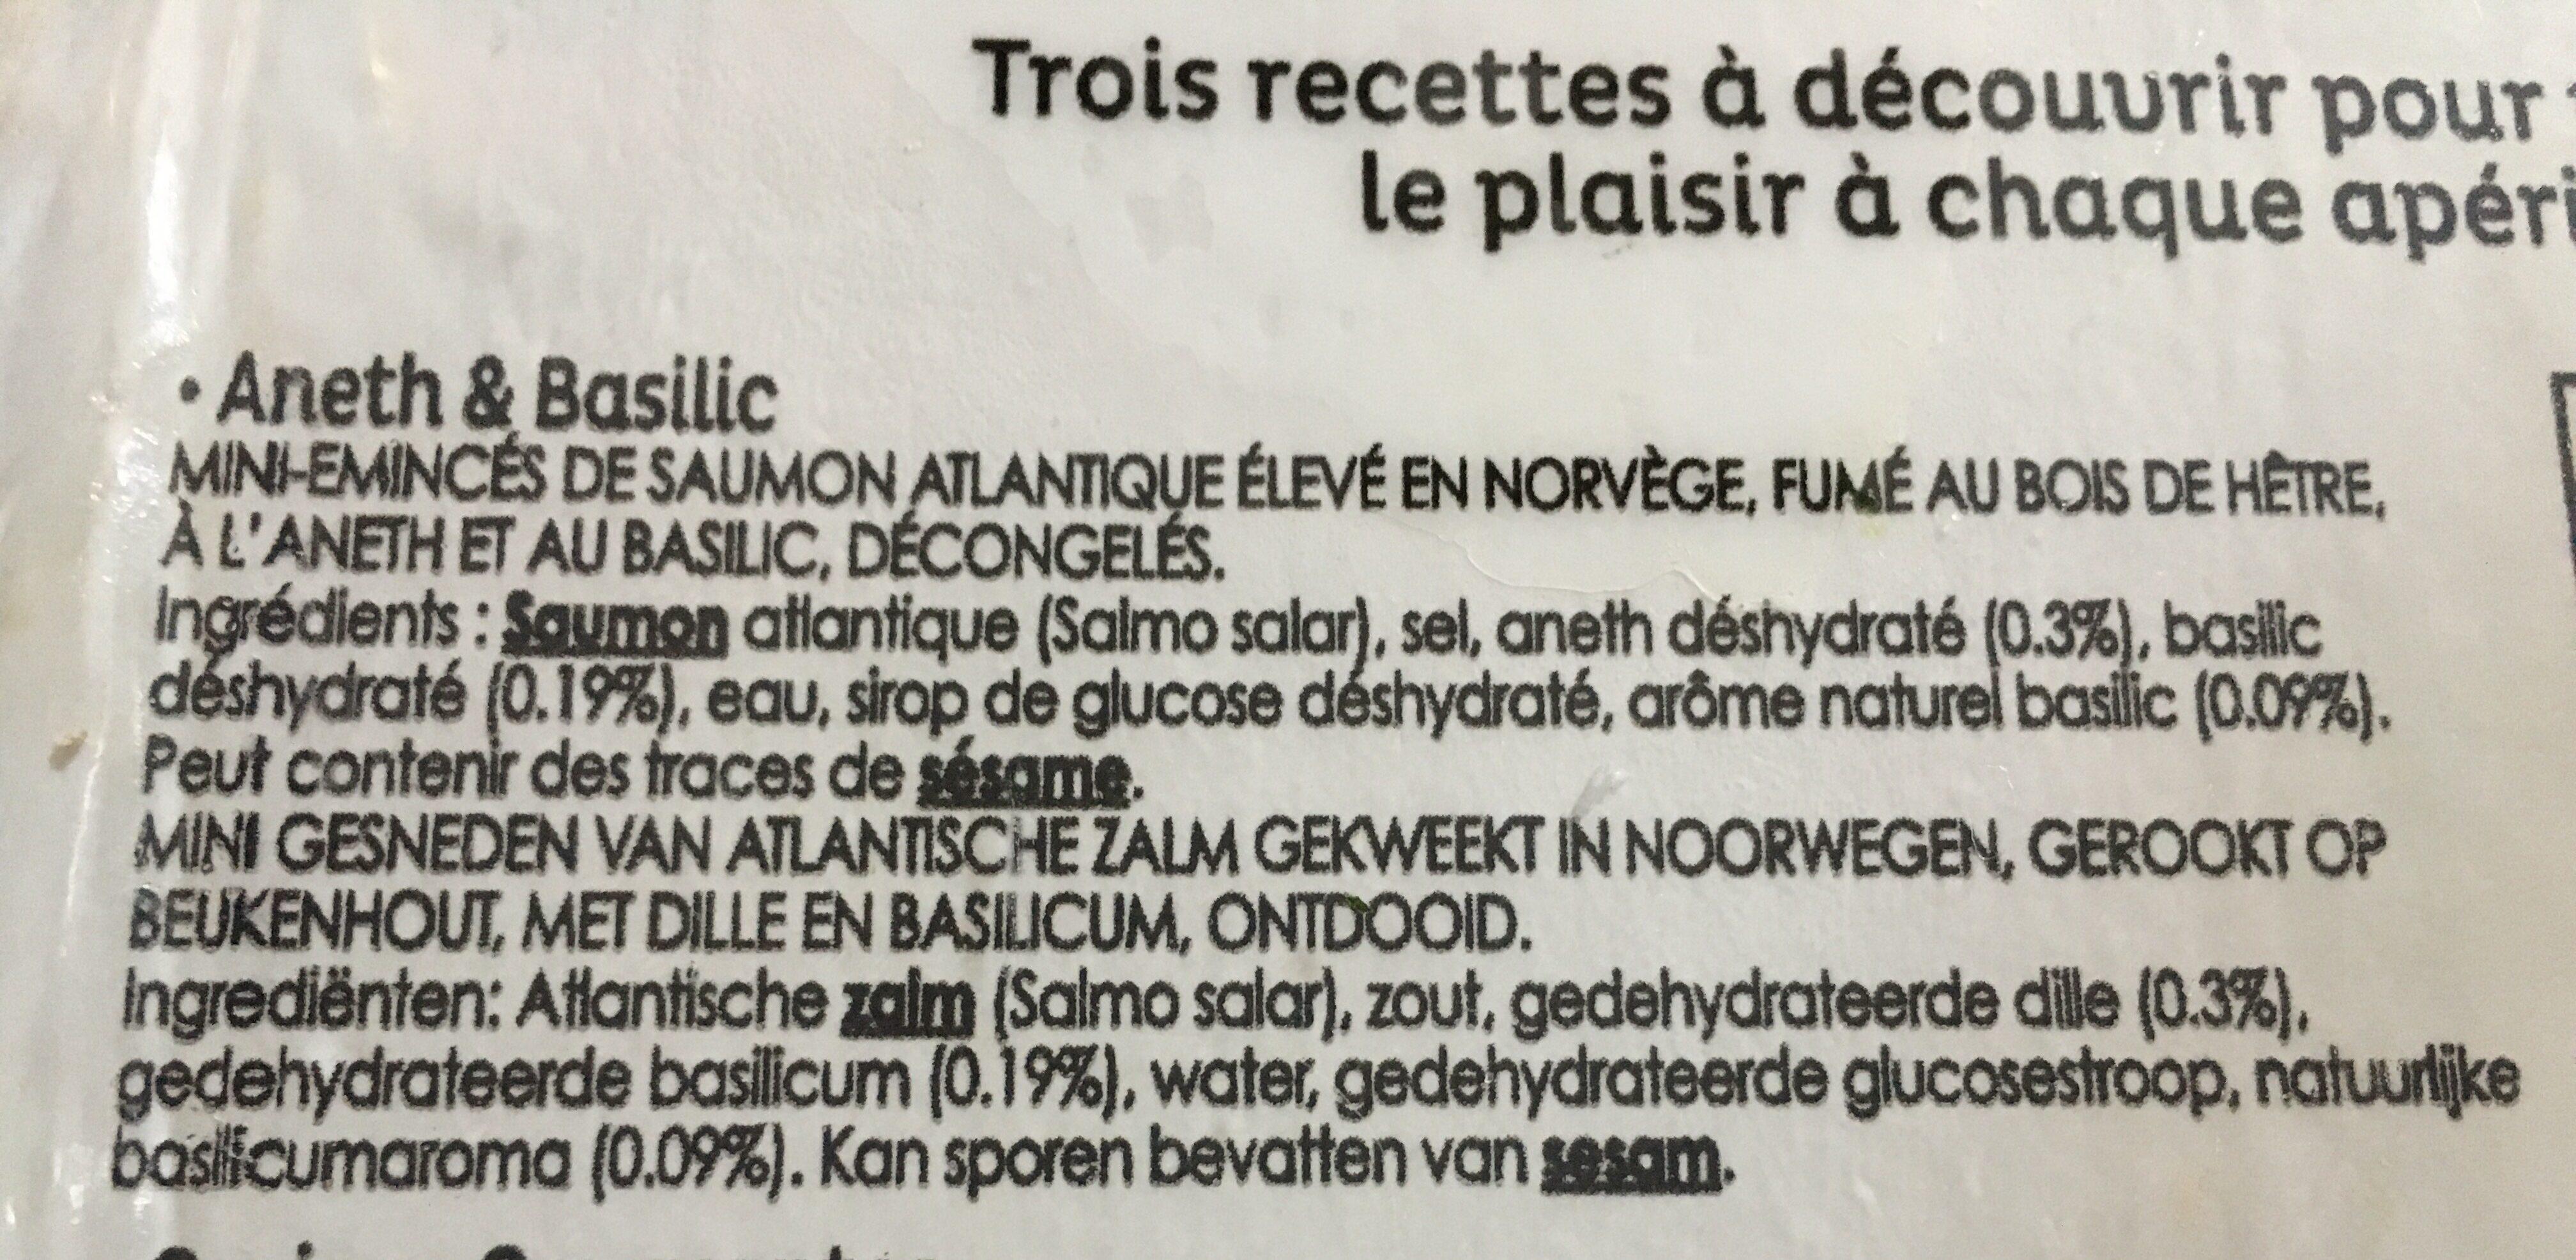 Mini Émincés de saumon fumé aneth & basilic - Ingrédients - fr